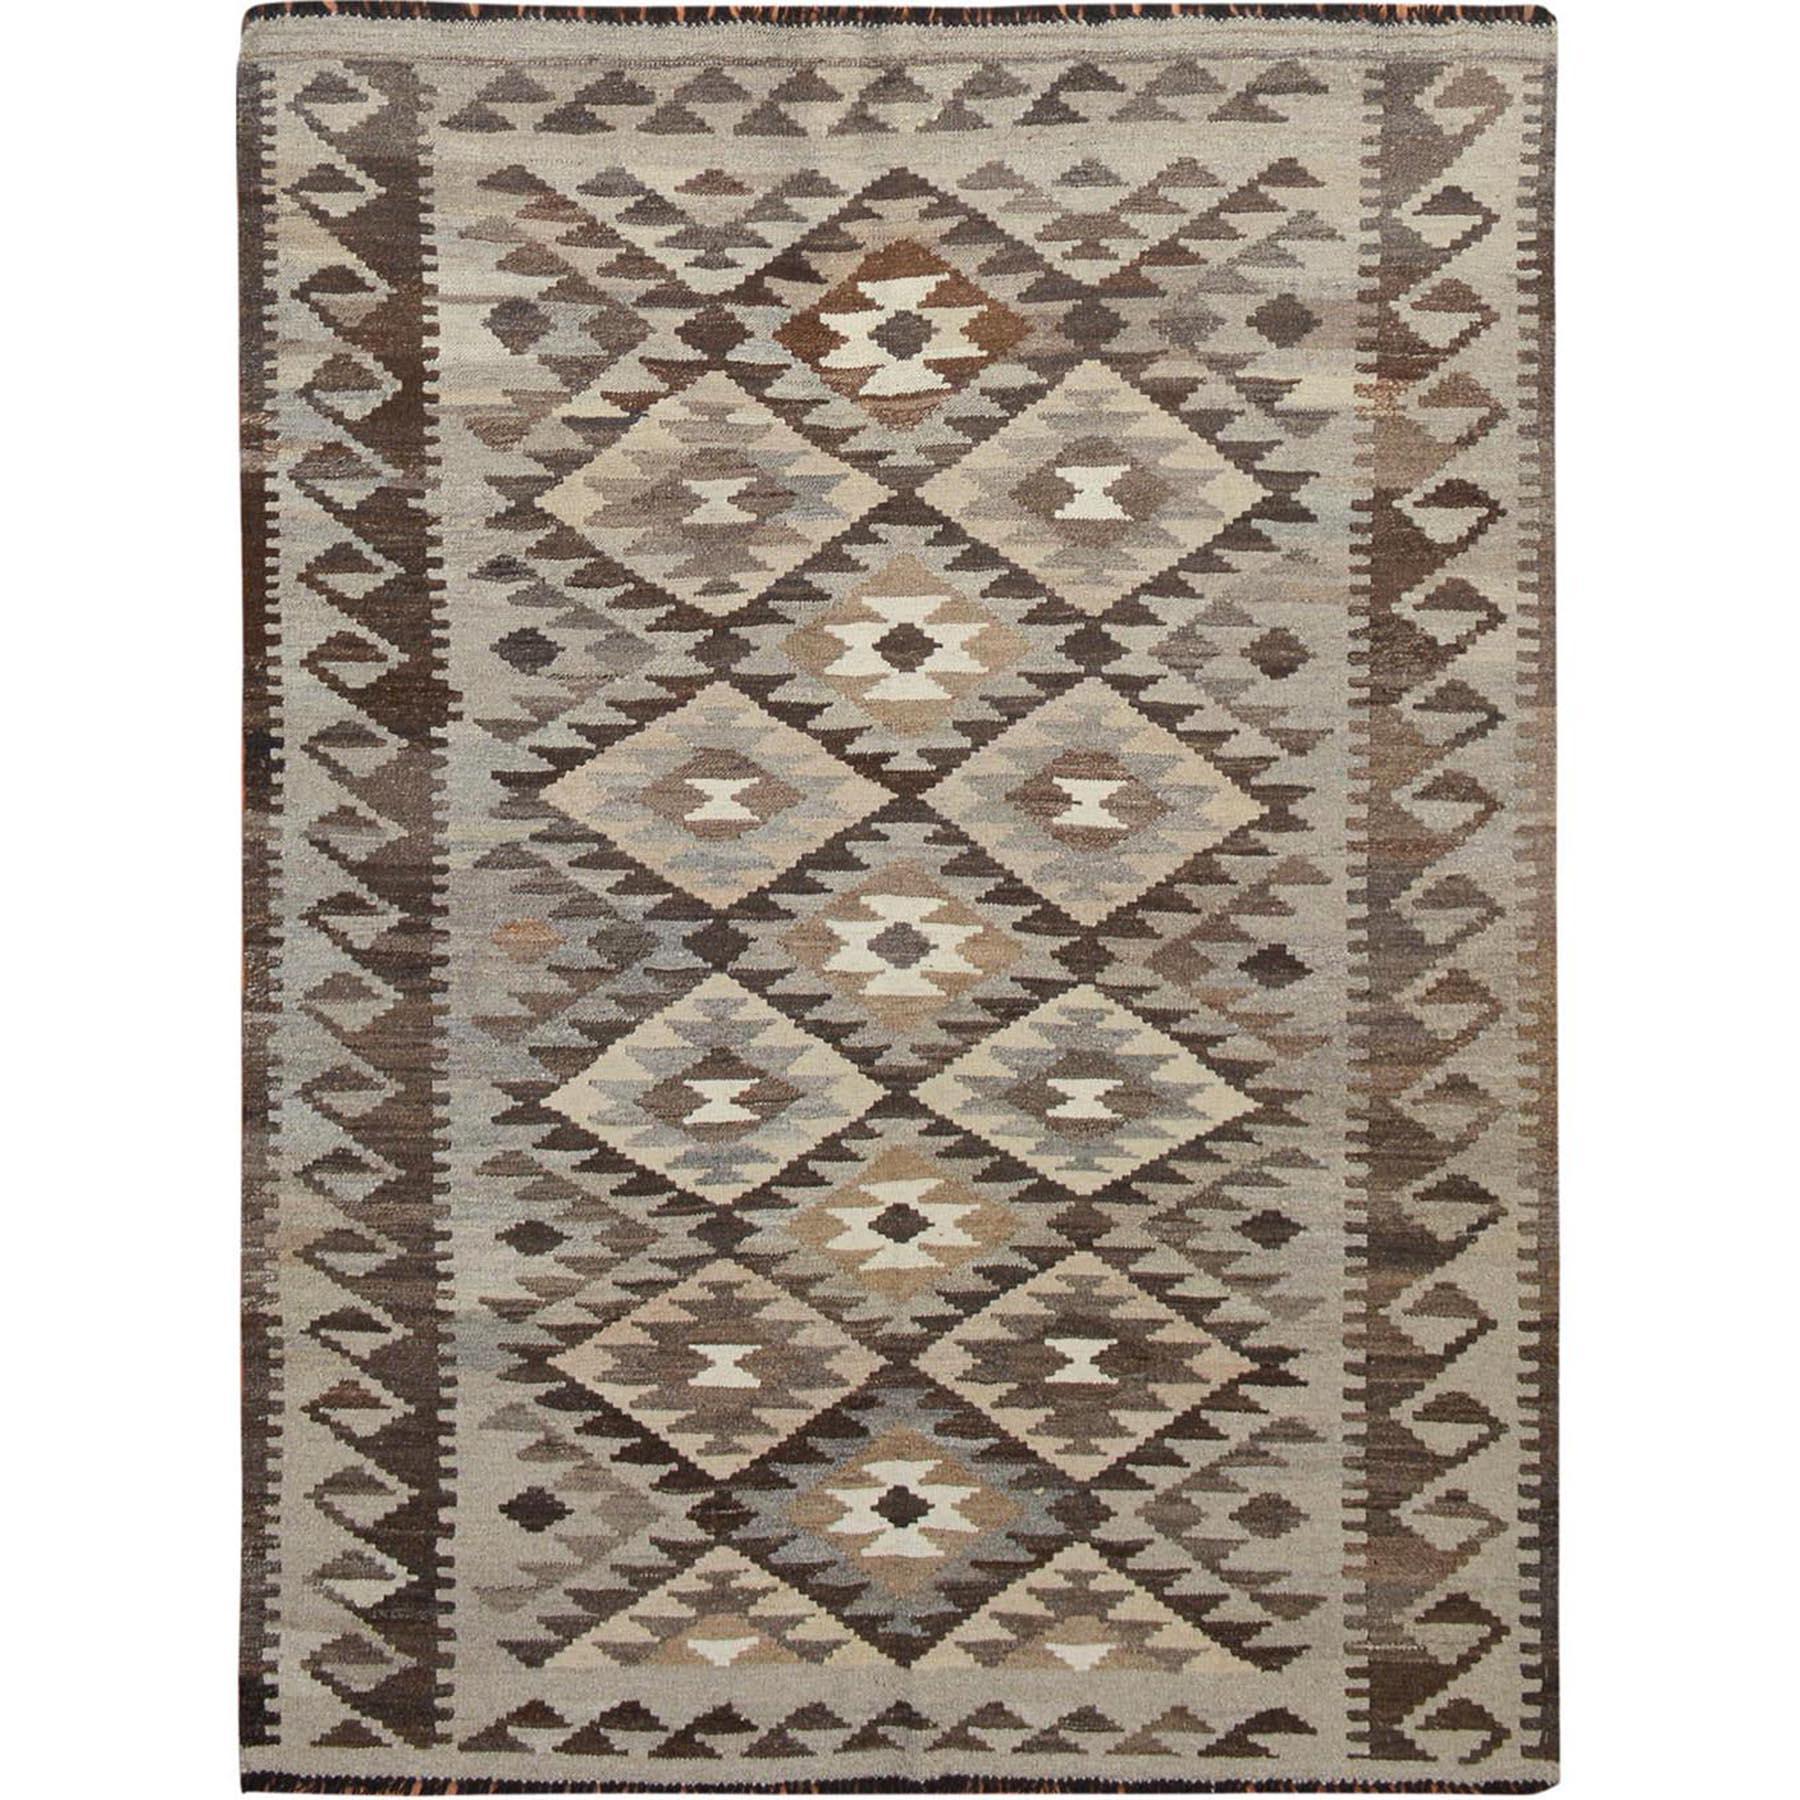 5'x6' Afghan Reversible Kilim Vegetable Dyes Pure Wool Hand Woven Oriental Rug